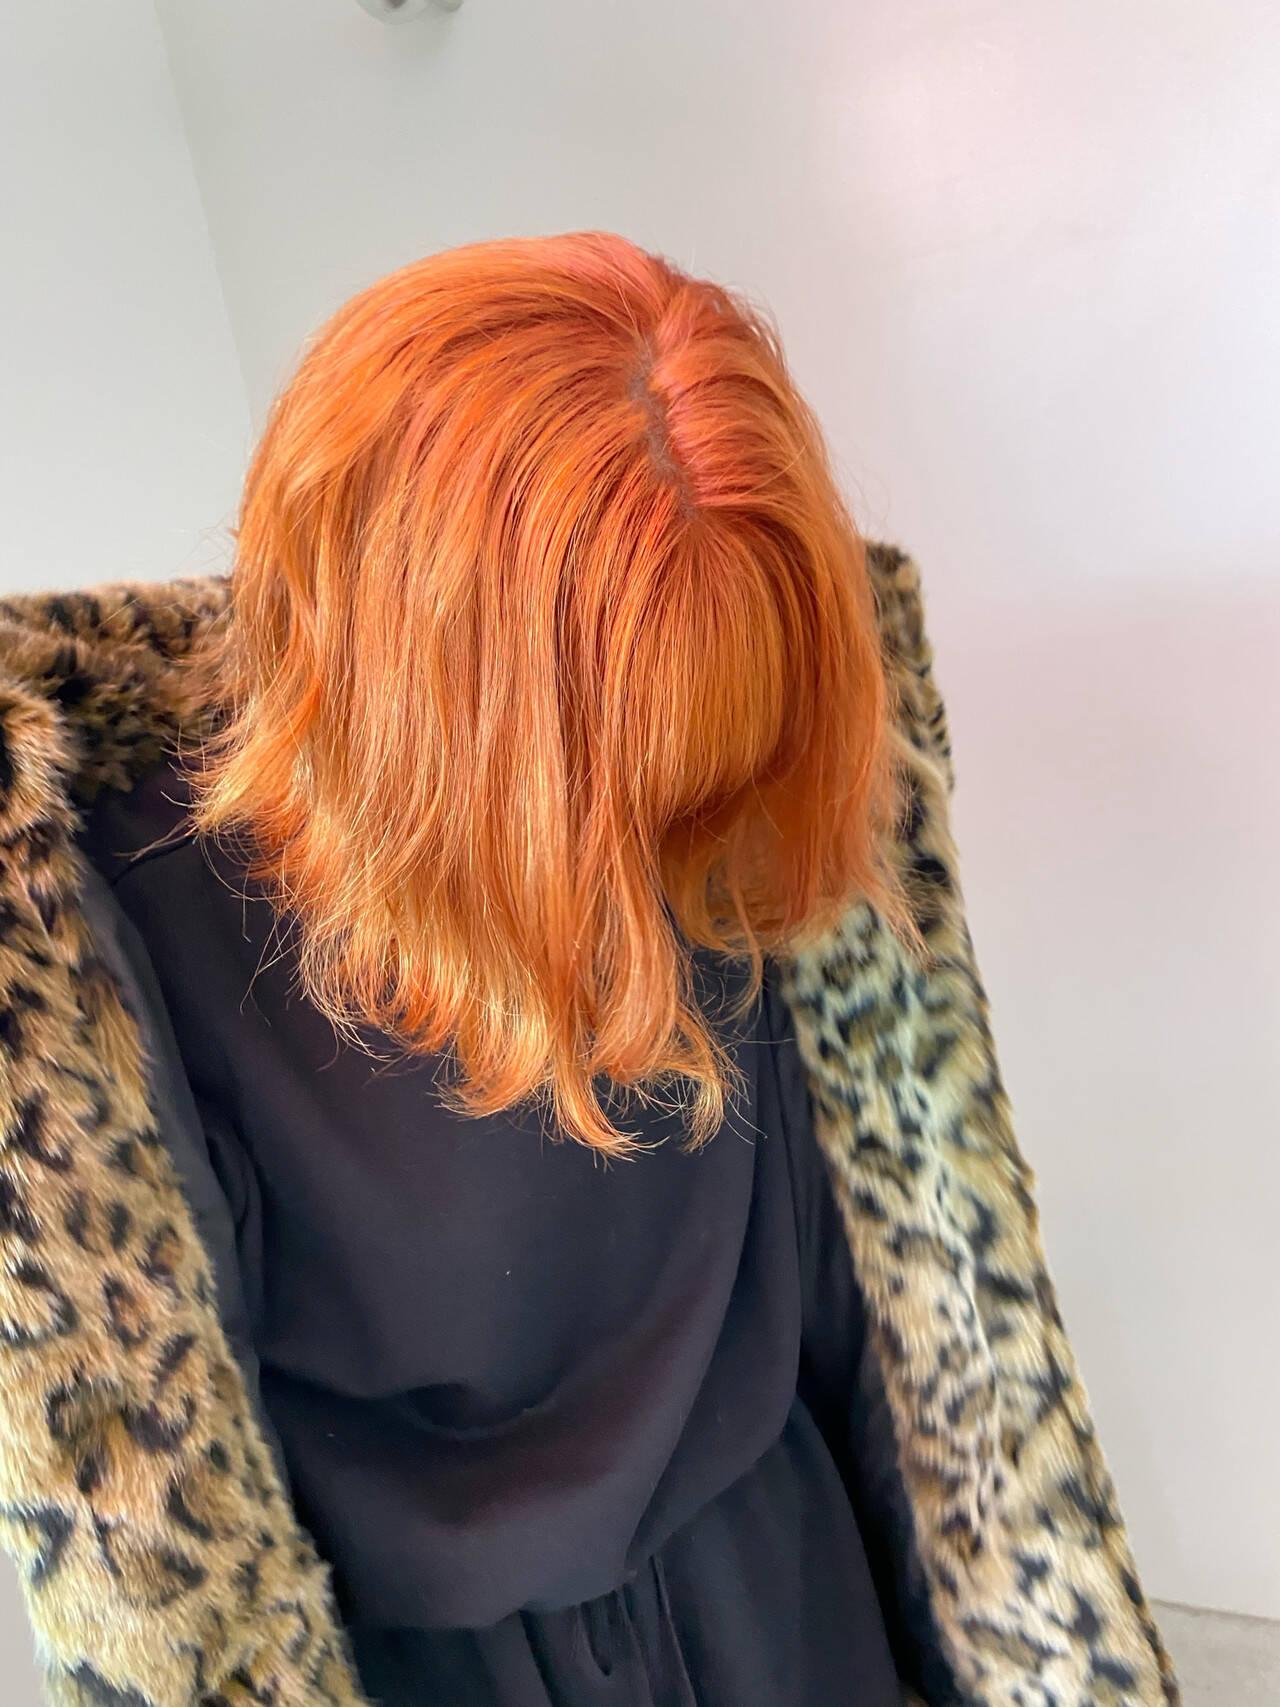 切りっぱなしボブ アプリコットオレンジ オレンジベージュ ガーリーヘアスタイルや髪型の写真・画像